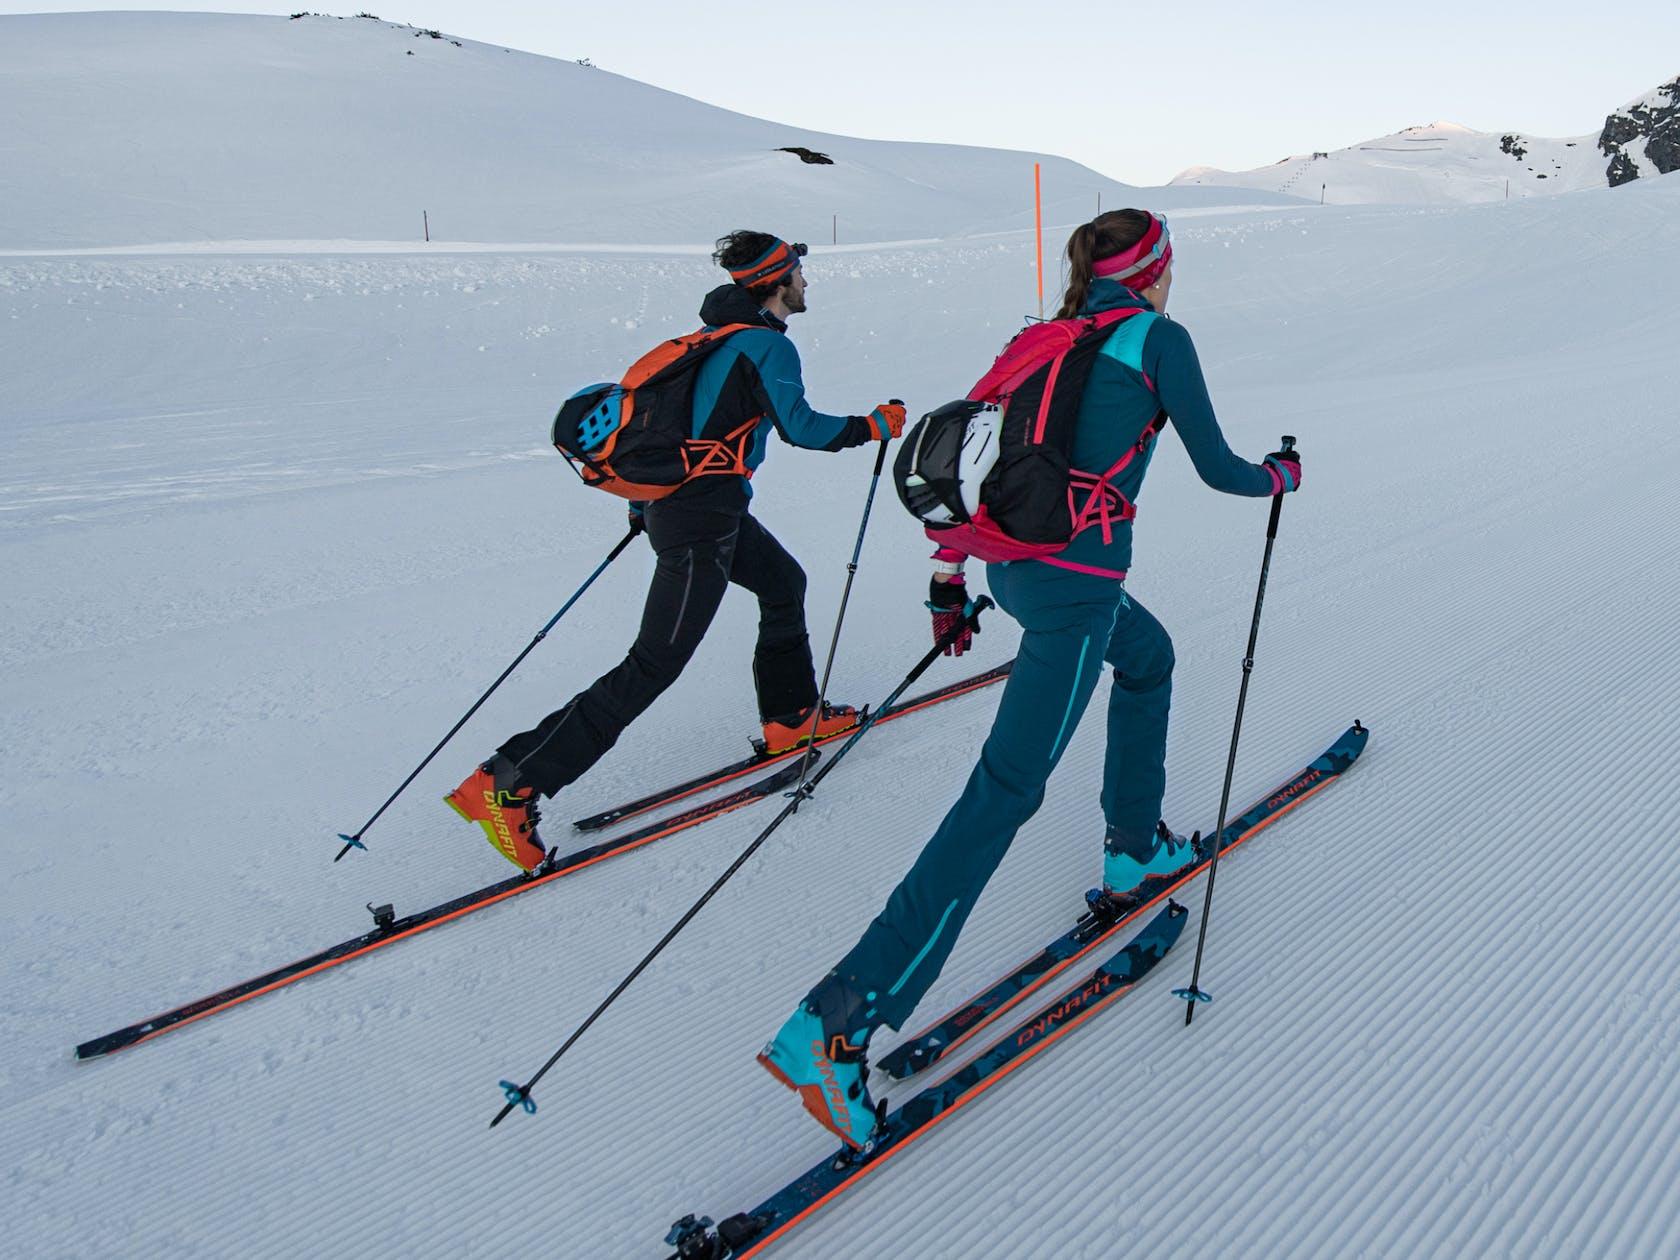 Dynafit Ausrüstung Skitouren Onlineshop